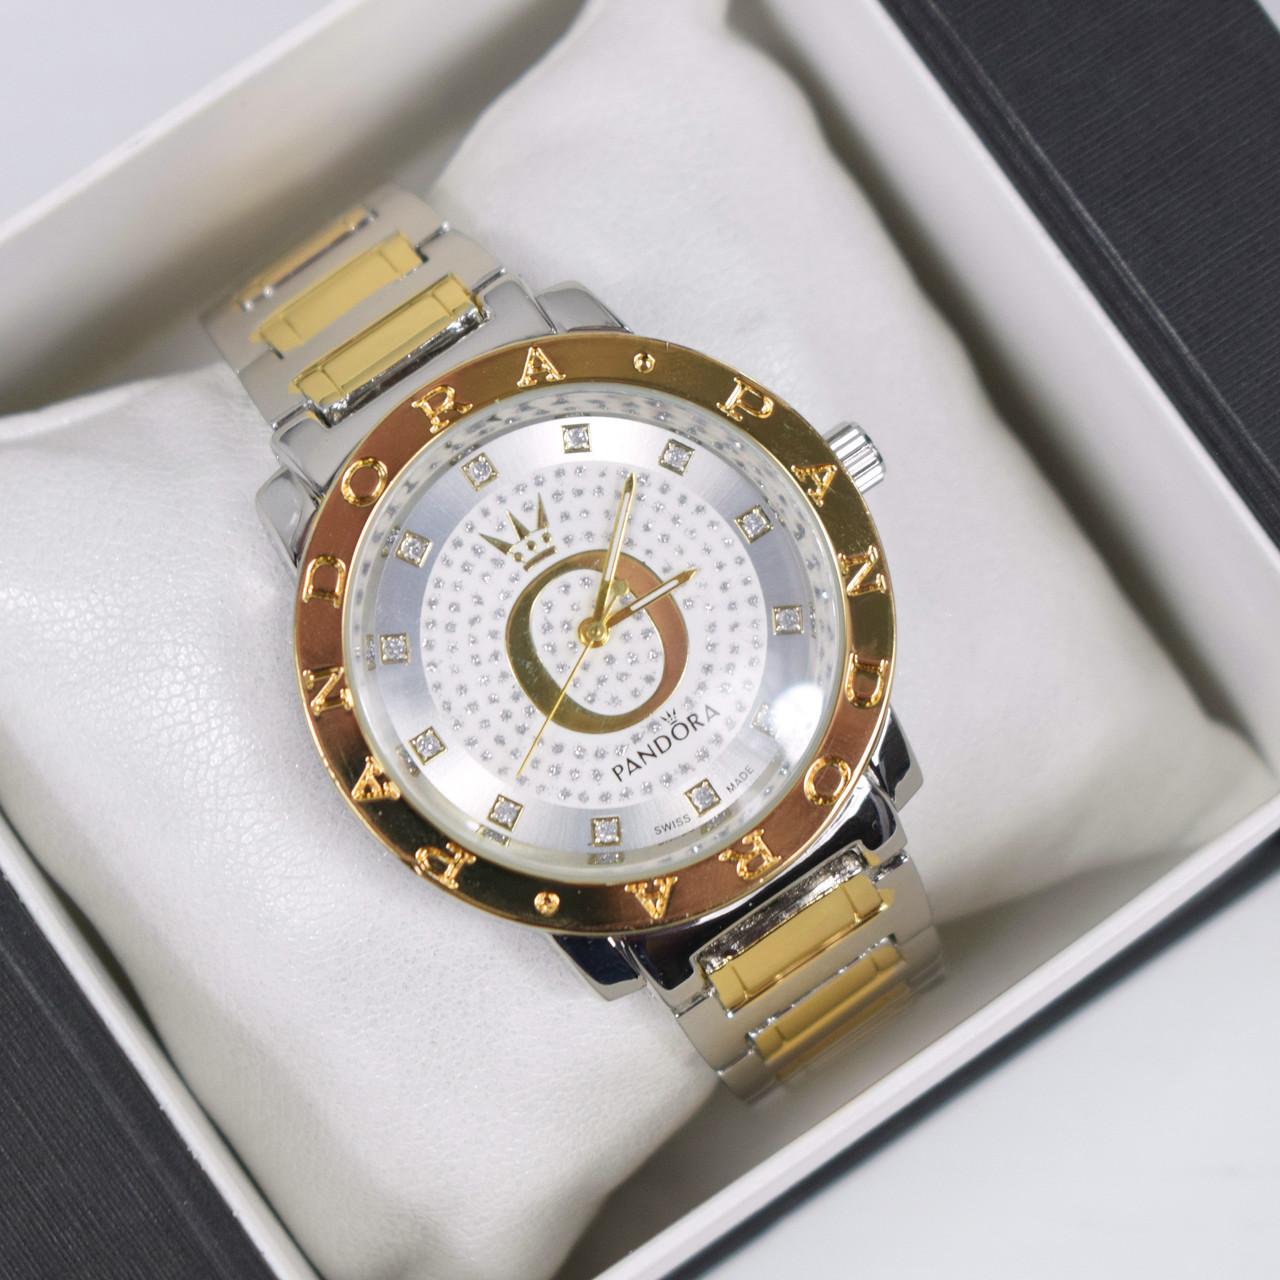 Продажа наручных часов в интернет магазинах часы наручные big size